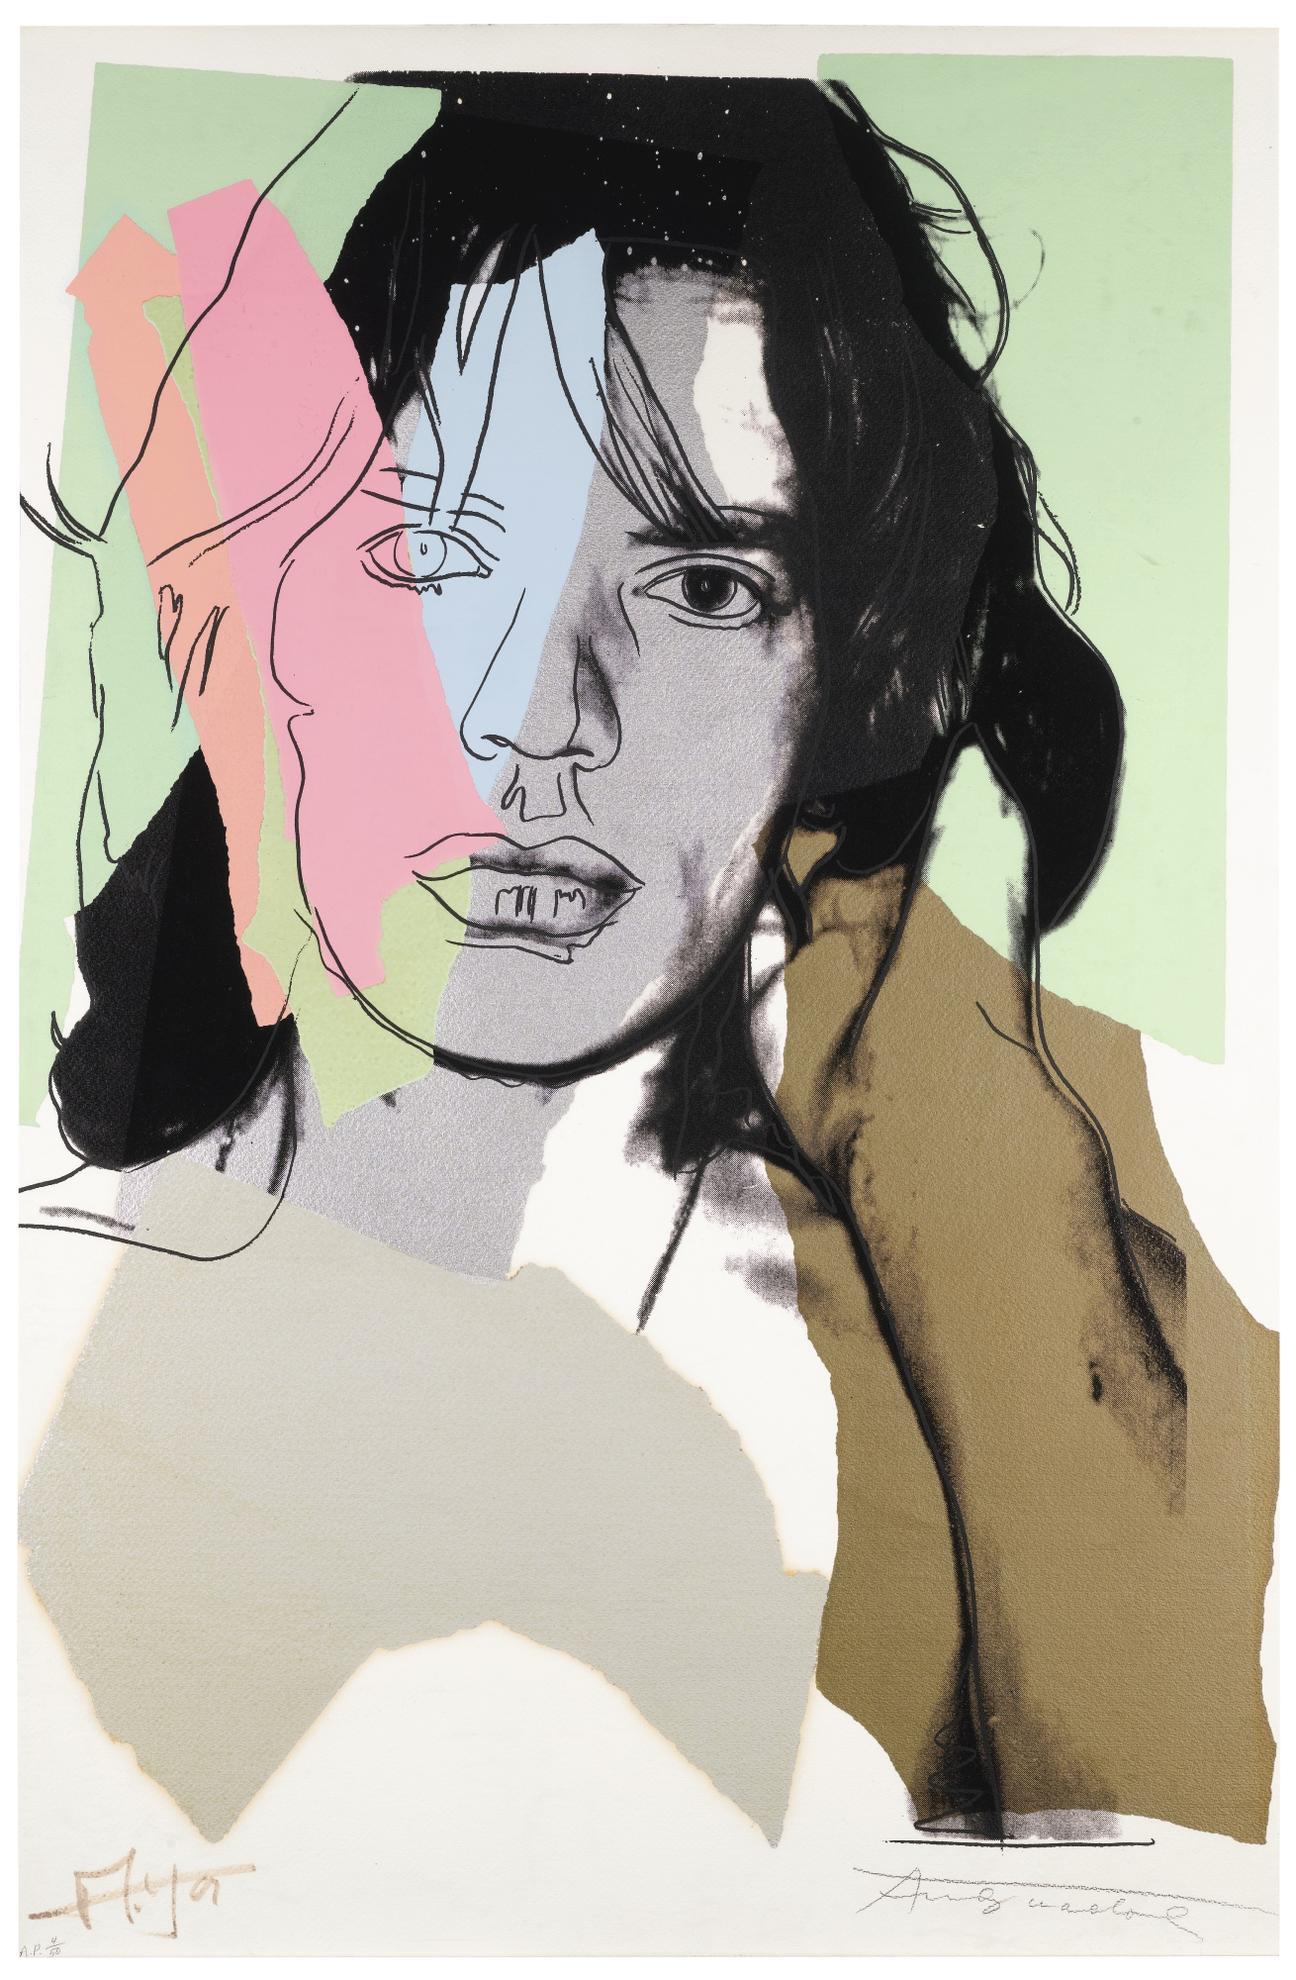 Andy Warhol-Mick Jagger (F. & S. II.140)-1975